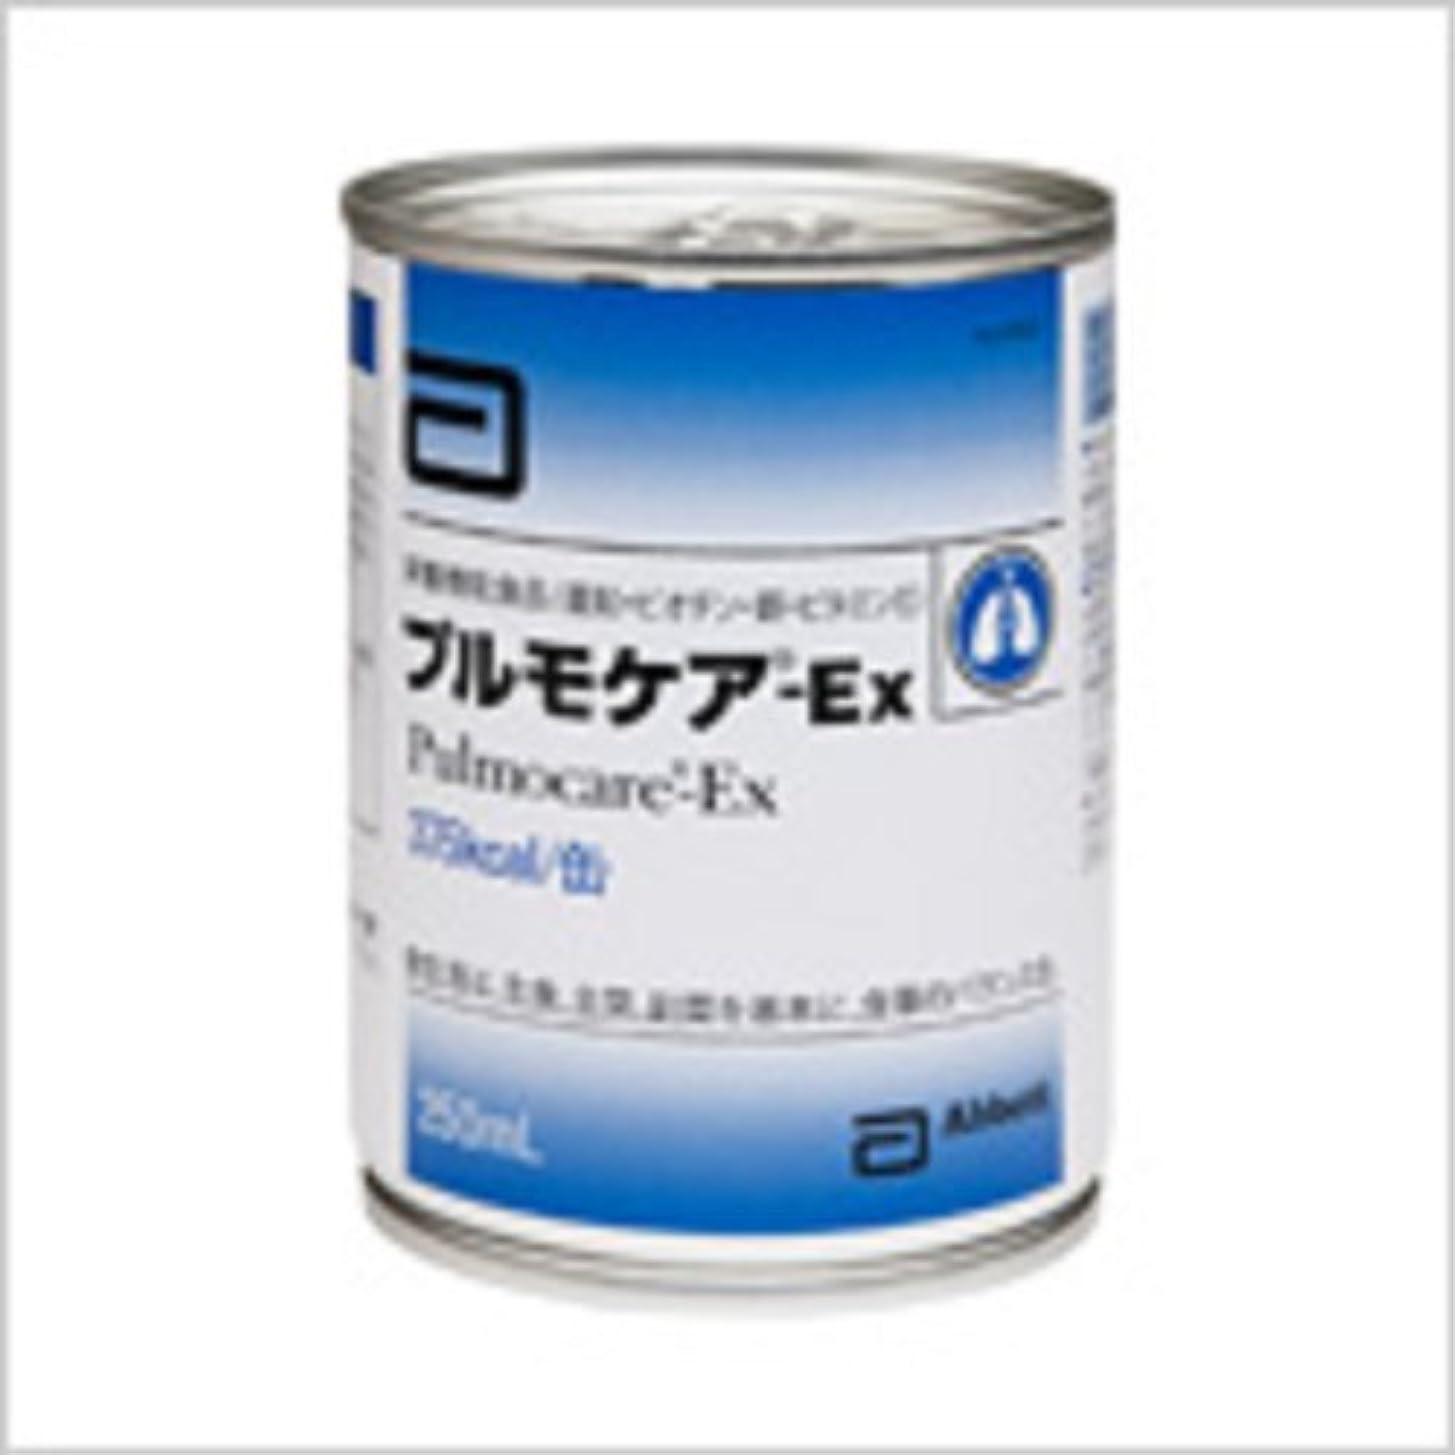 擁する擁する環境保護主義者プルモケア-EX 250ml×24缶